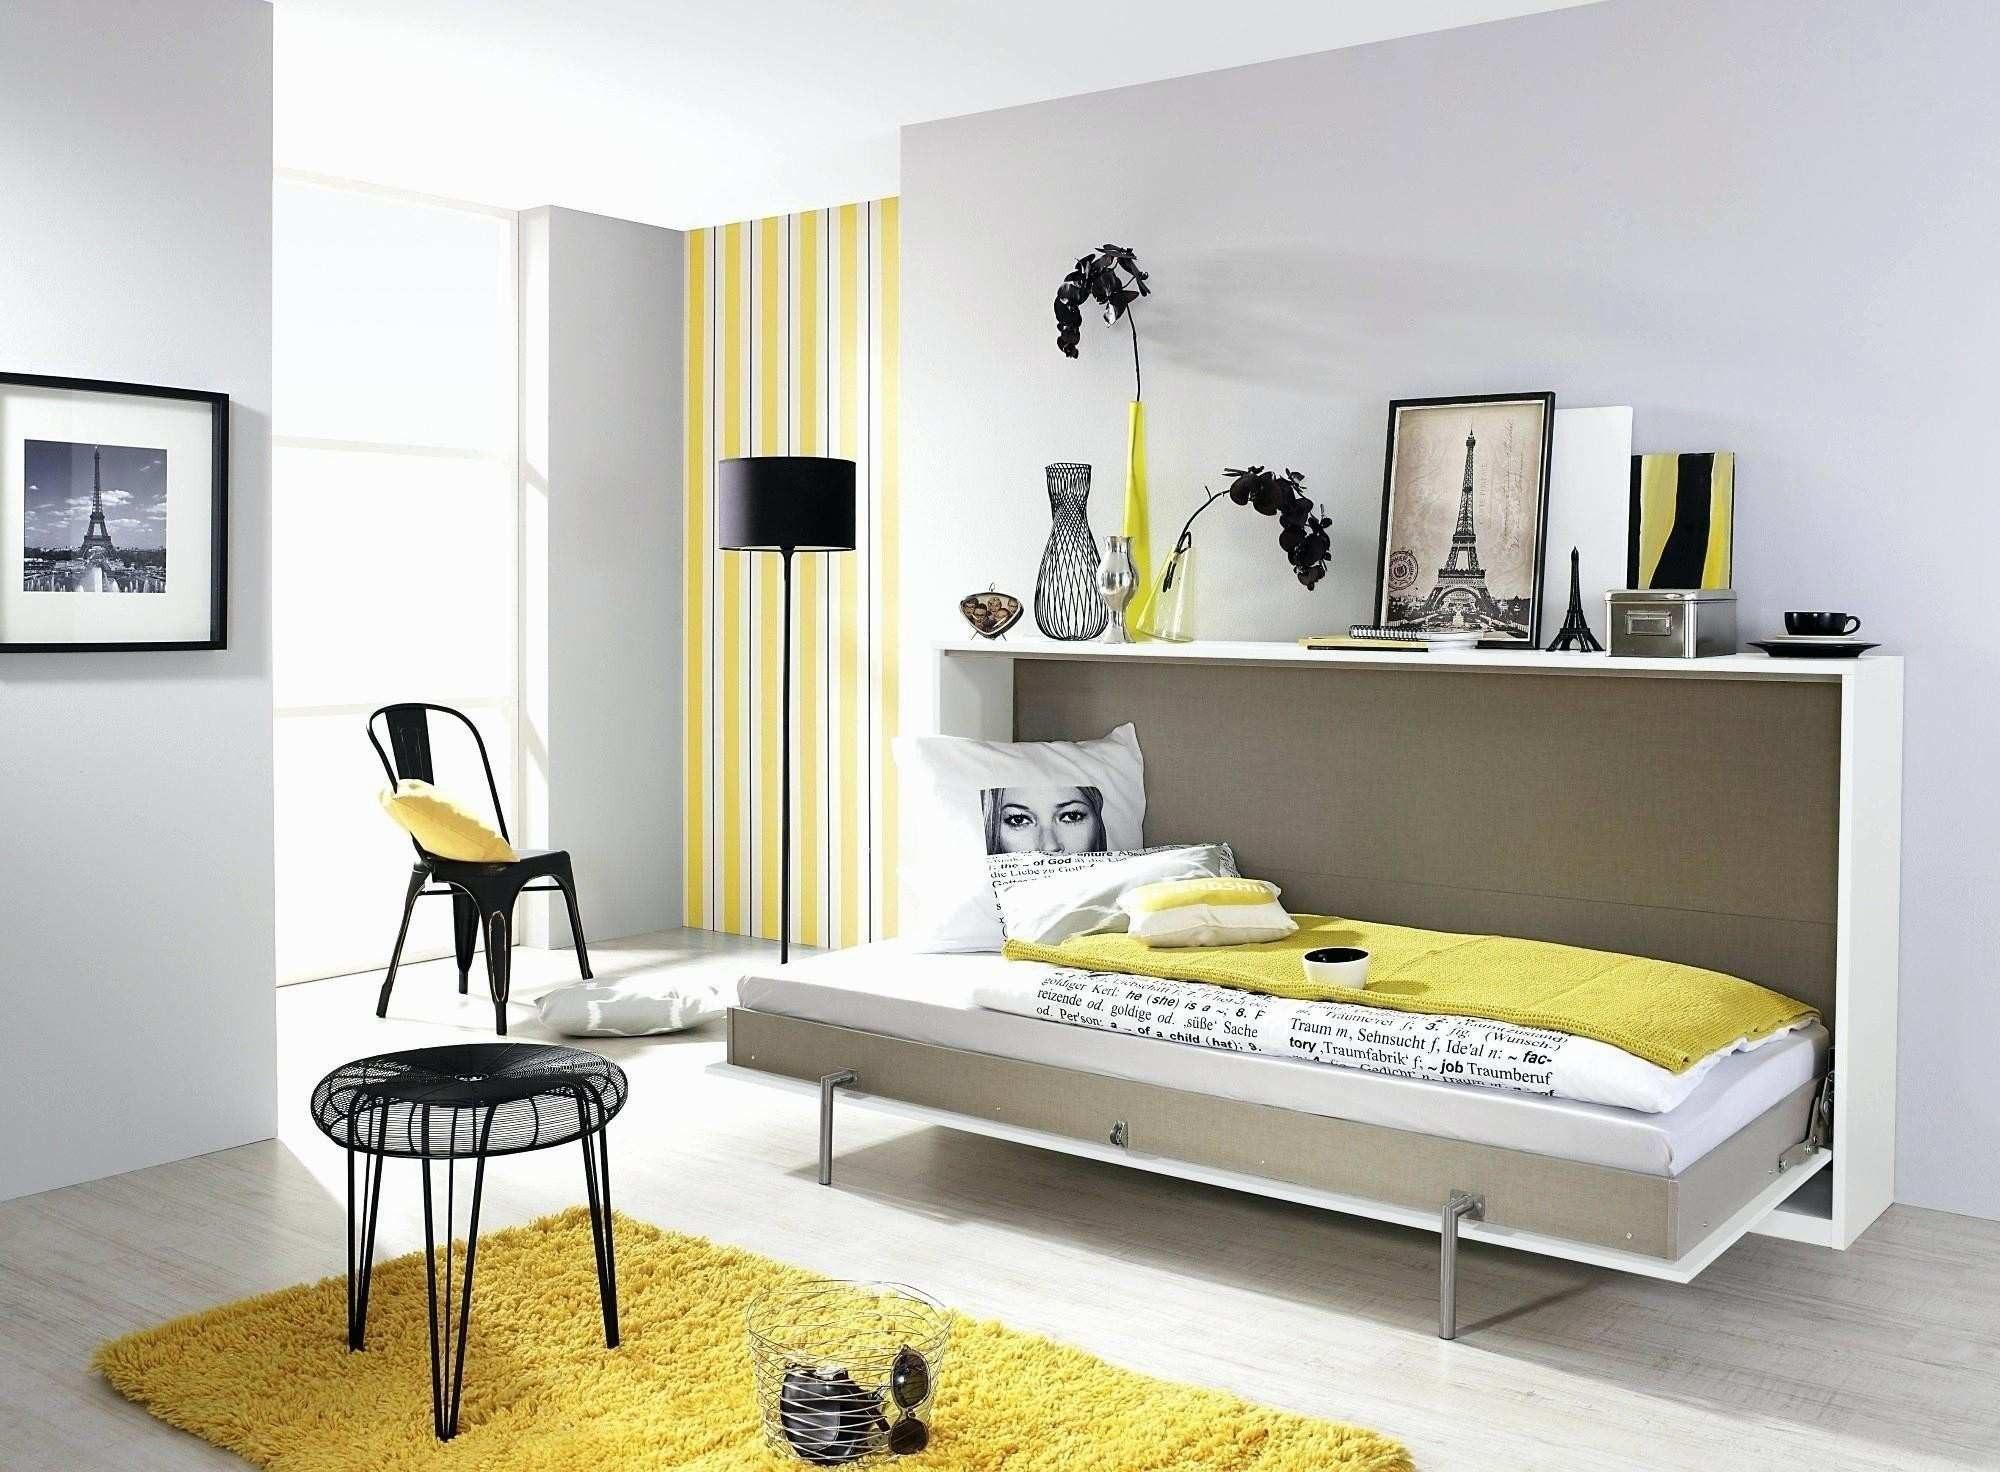 Lit Mezzanine 2 Places Impressionnant Exquis Lit Armoire 2 Places Sur Lit Convertible 2 Places Ikea Canape